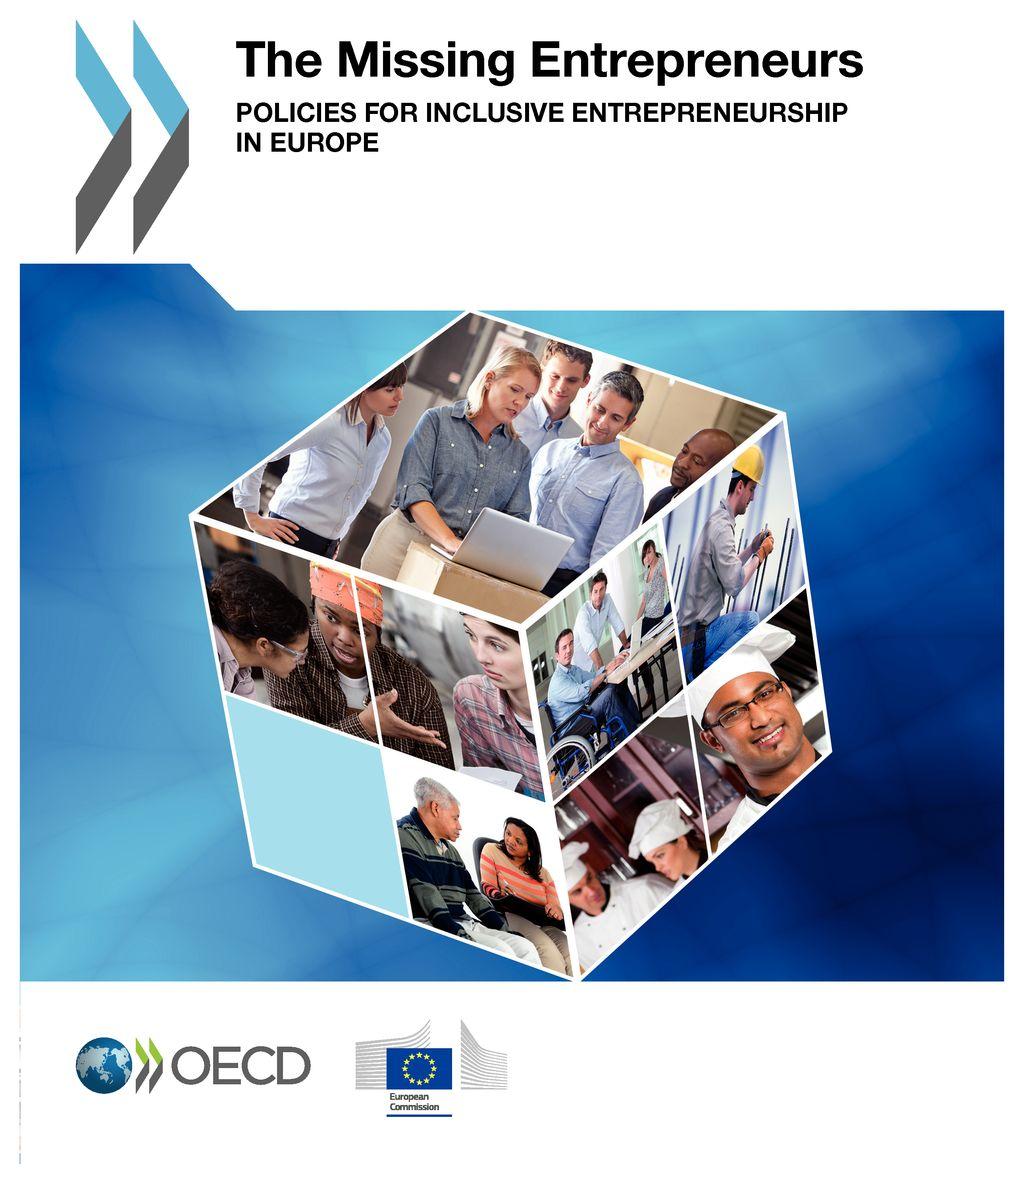 The Missing Entrepreneurs